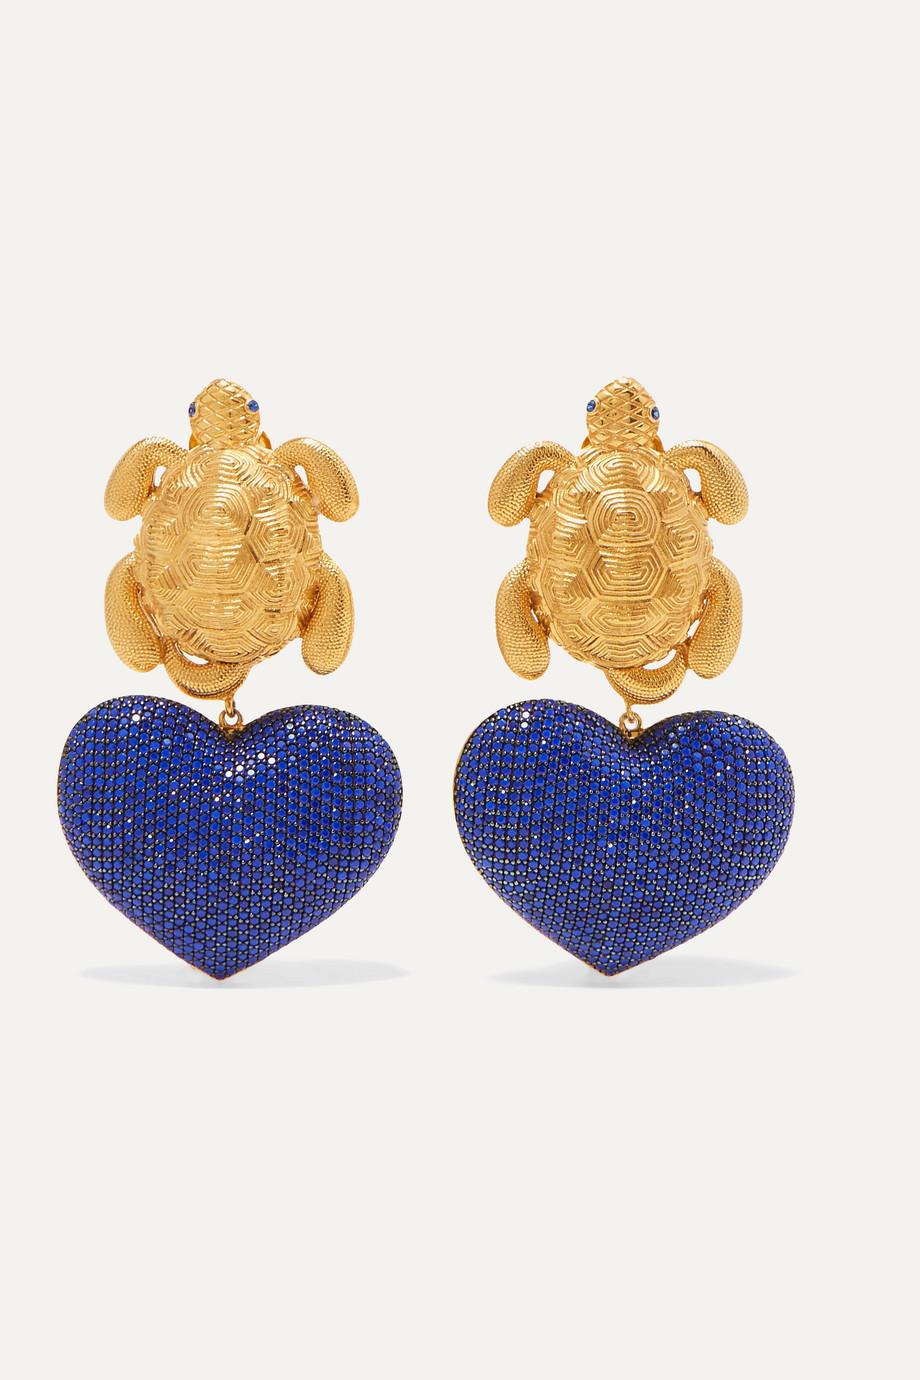 Begüm Khan Turtle in Love gold-plated lapis lazuli clip earrings